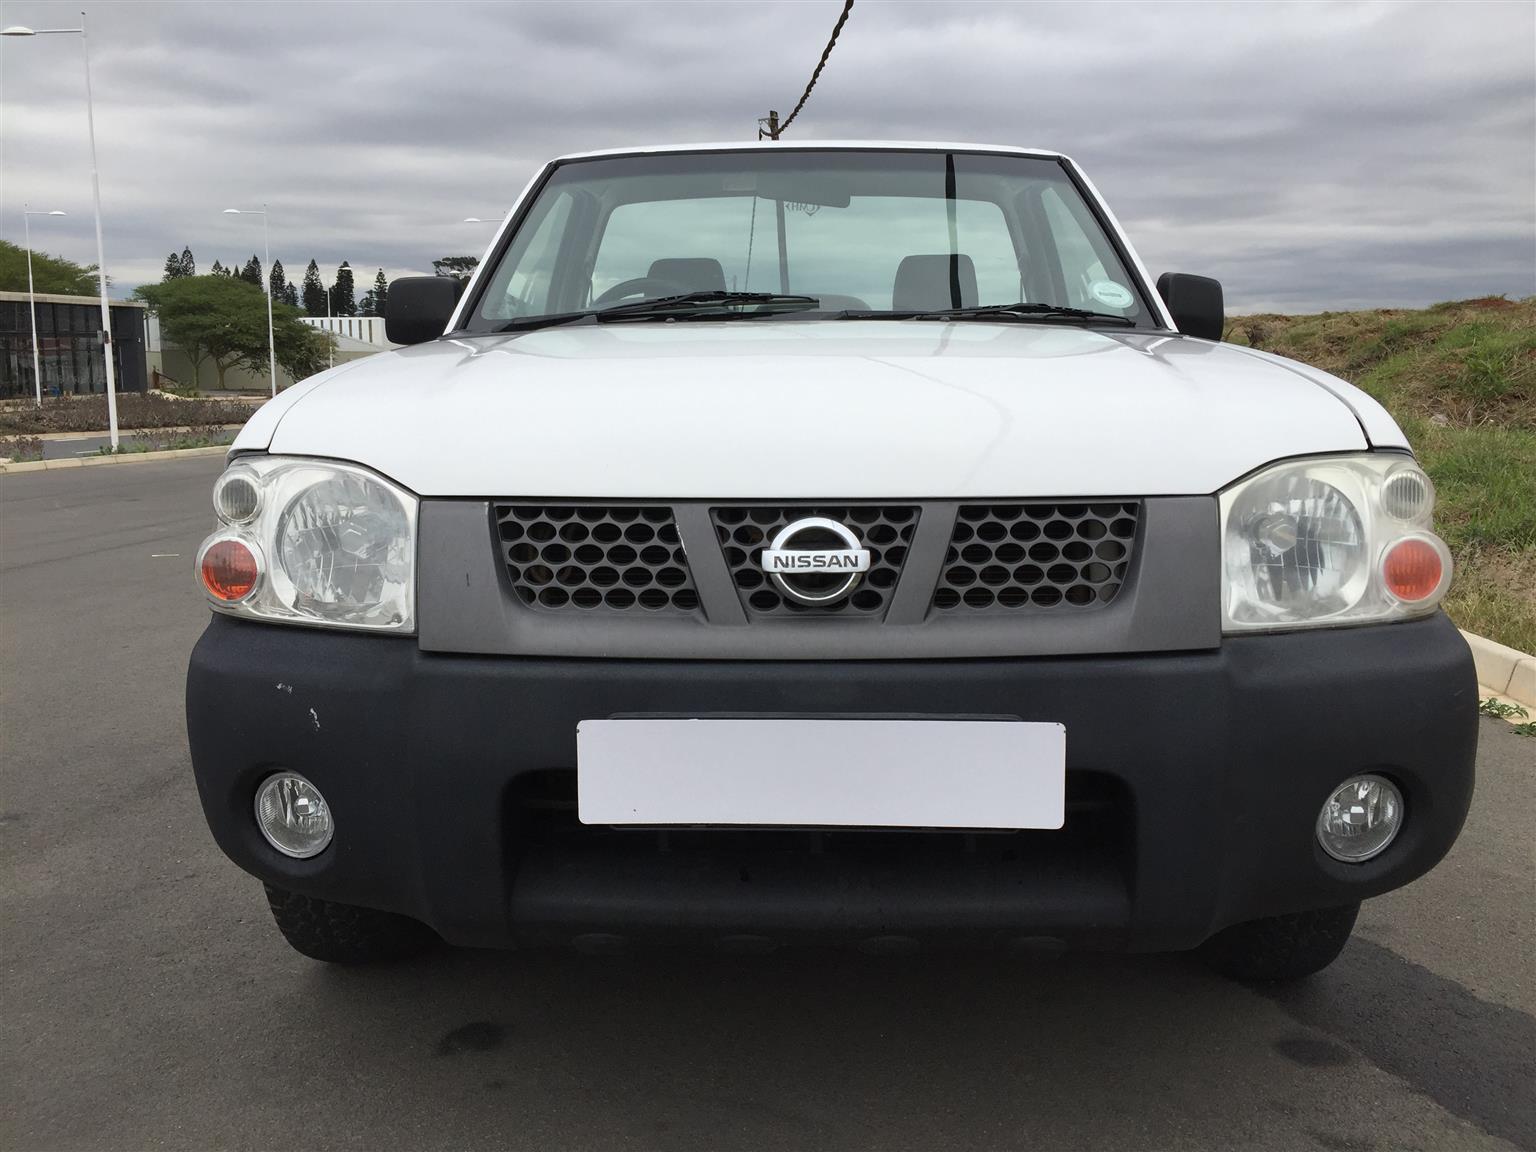 2011 Nissan NP300 Hardbody 2.4 4x4